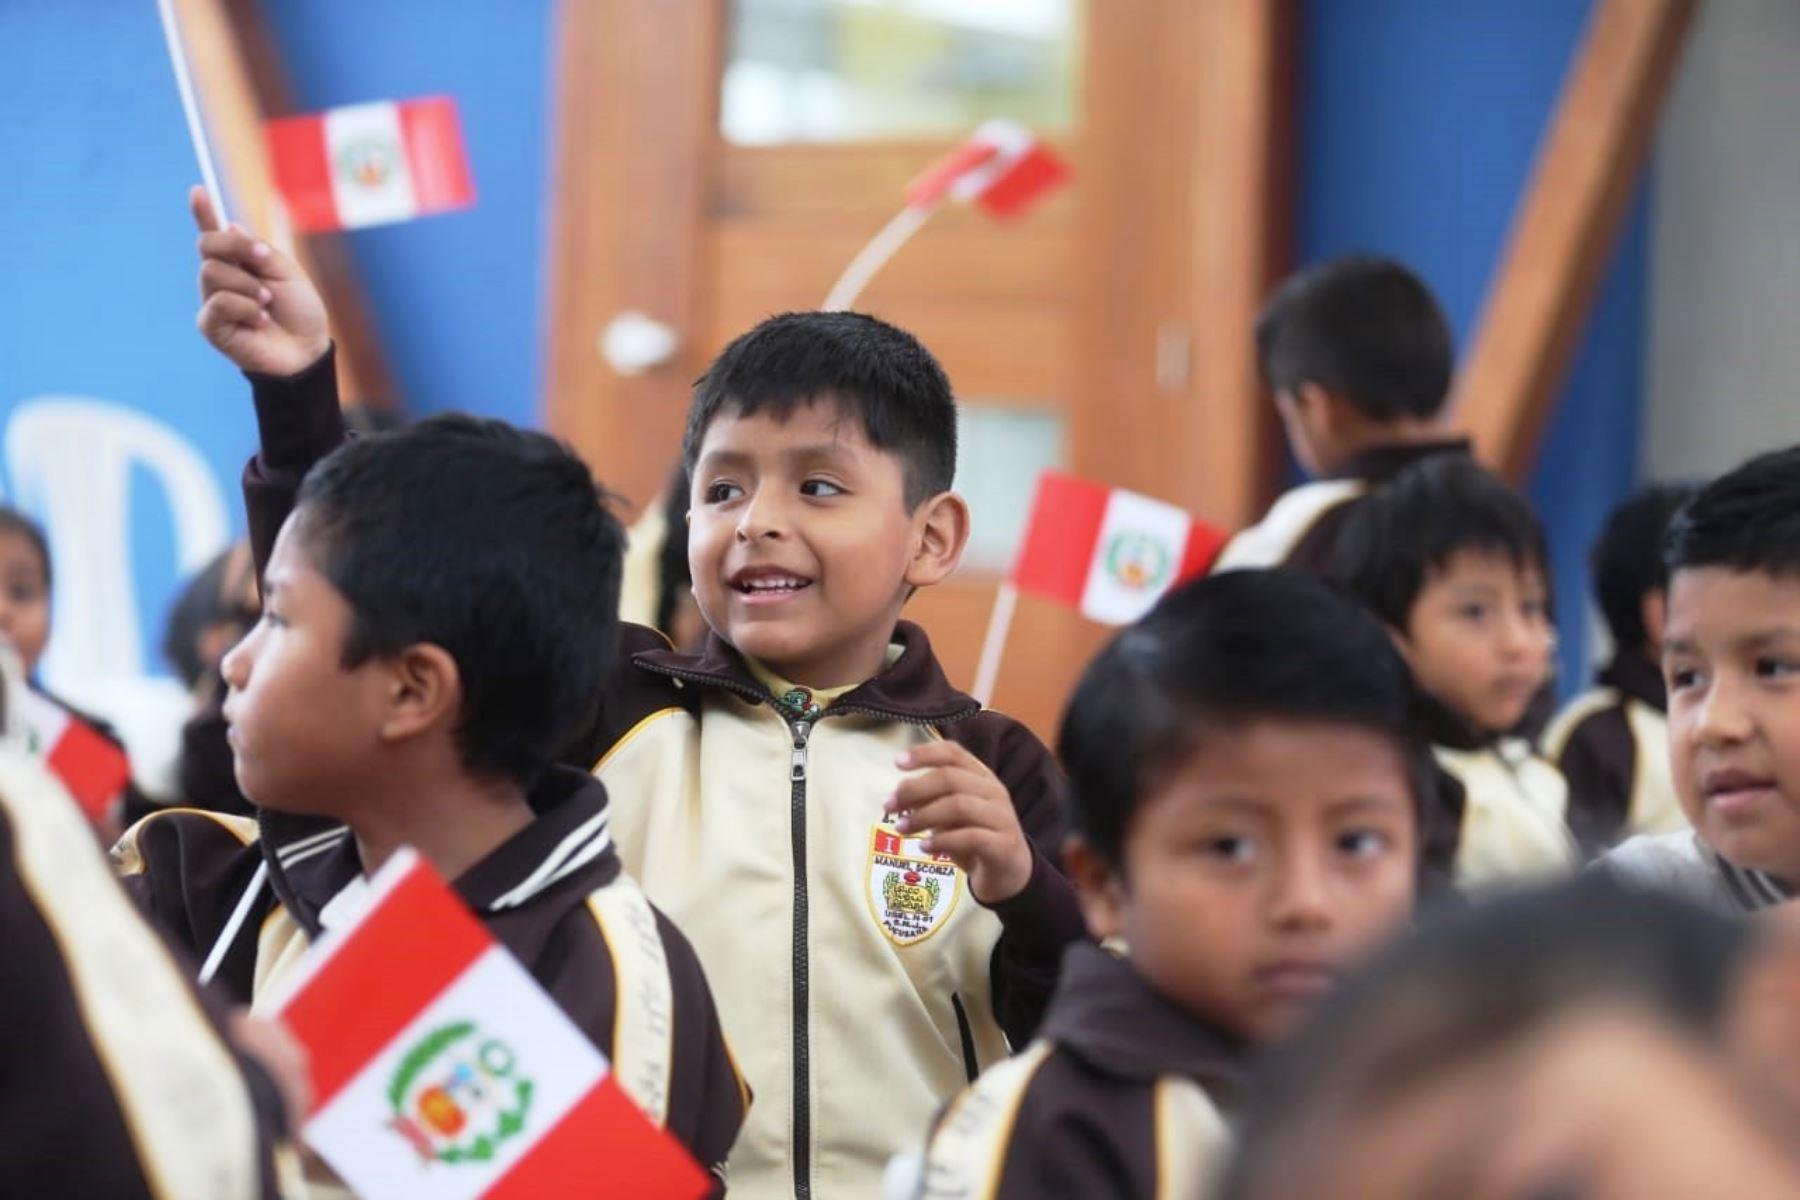 Niños del colegio Manuel Scorza de Pucusana estudiarán en moderna infraestructura. Foto: ANDINA/Difusión.